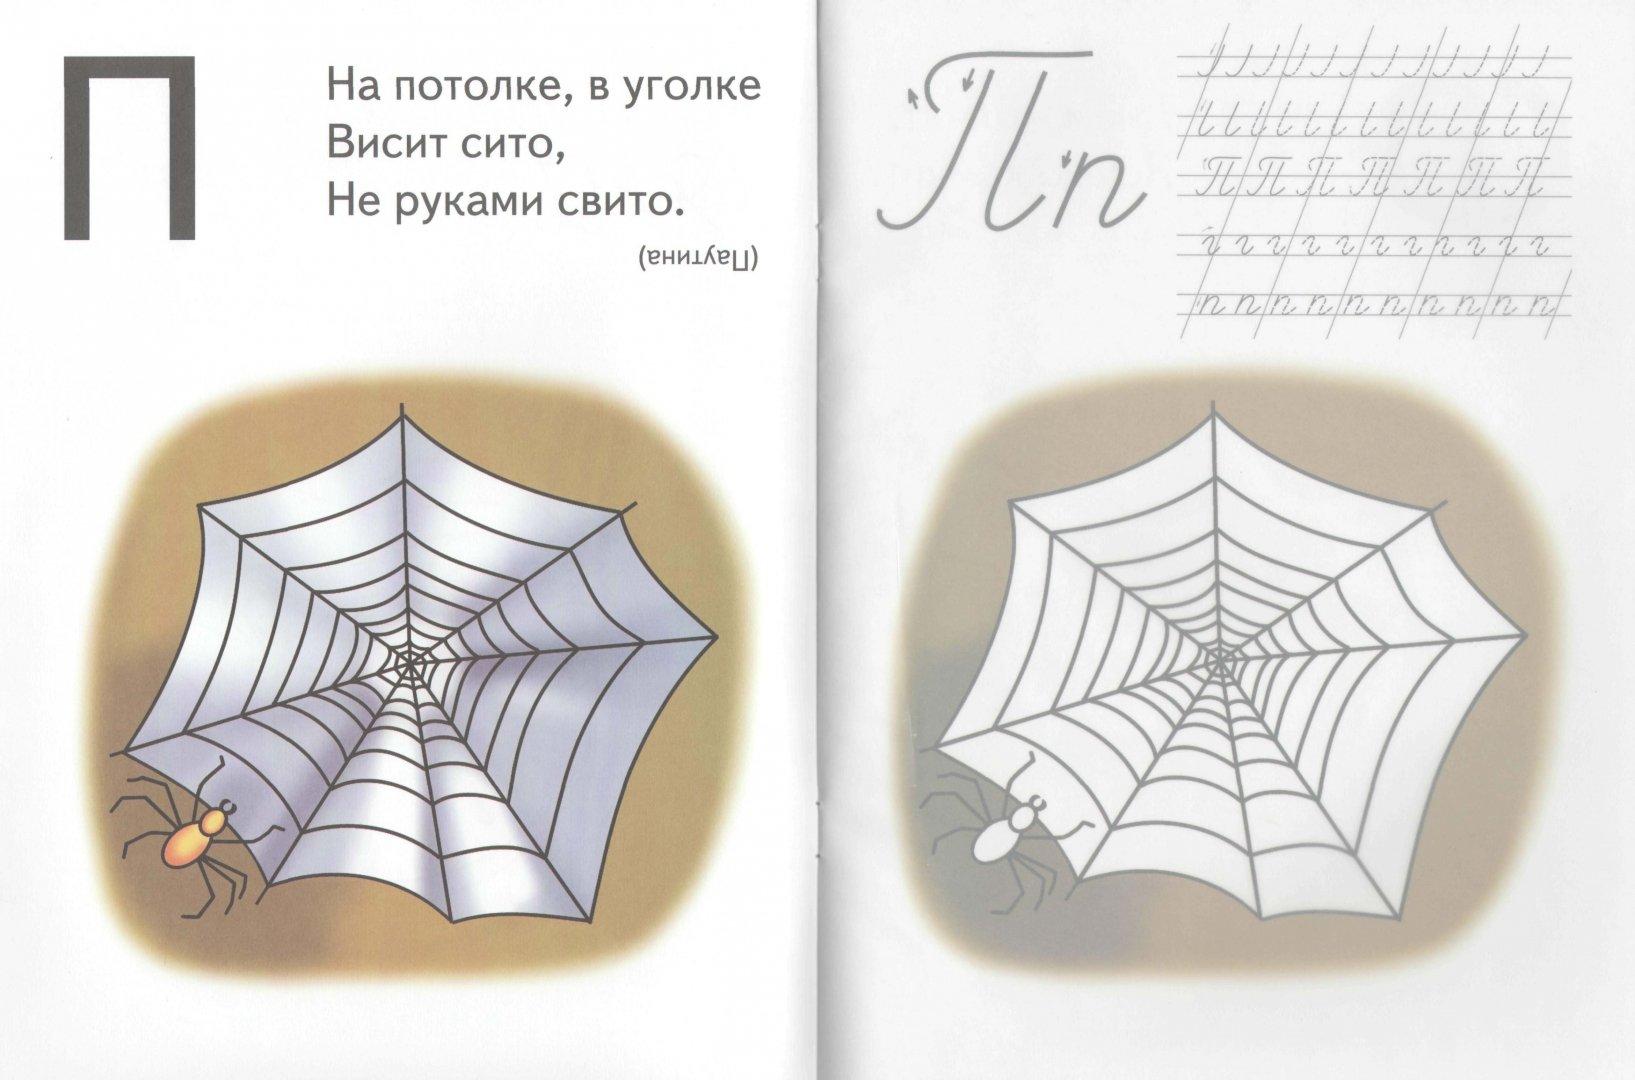 Иллюстрация 1 из 6 для Прописи (филин) - Игорь Куберский   Лабиринт - книги. Источник: Лабиринт